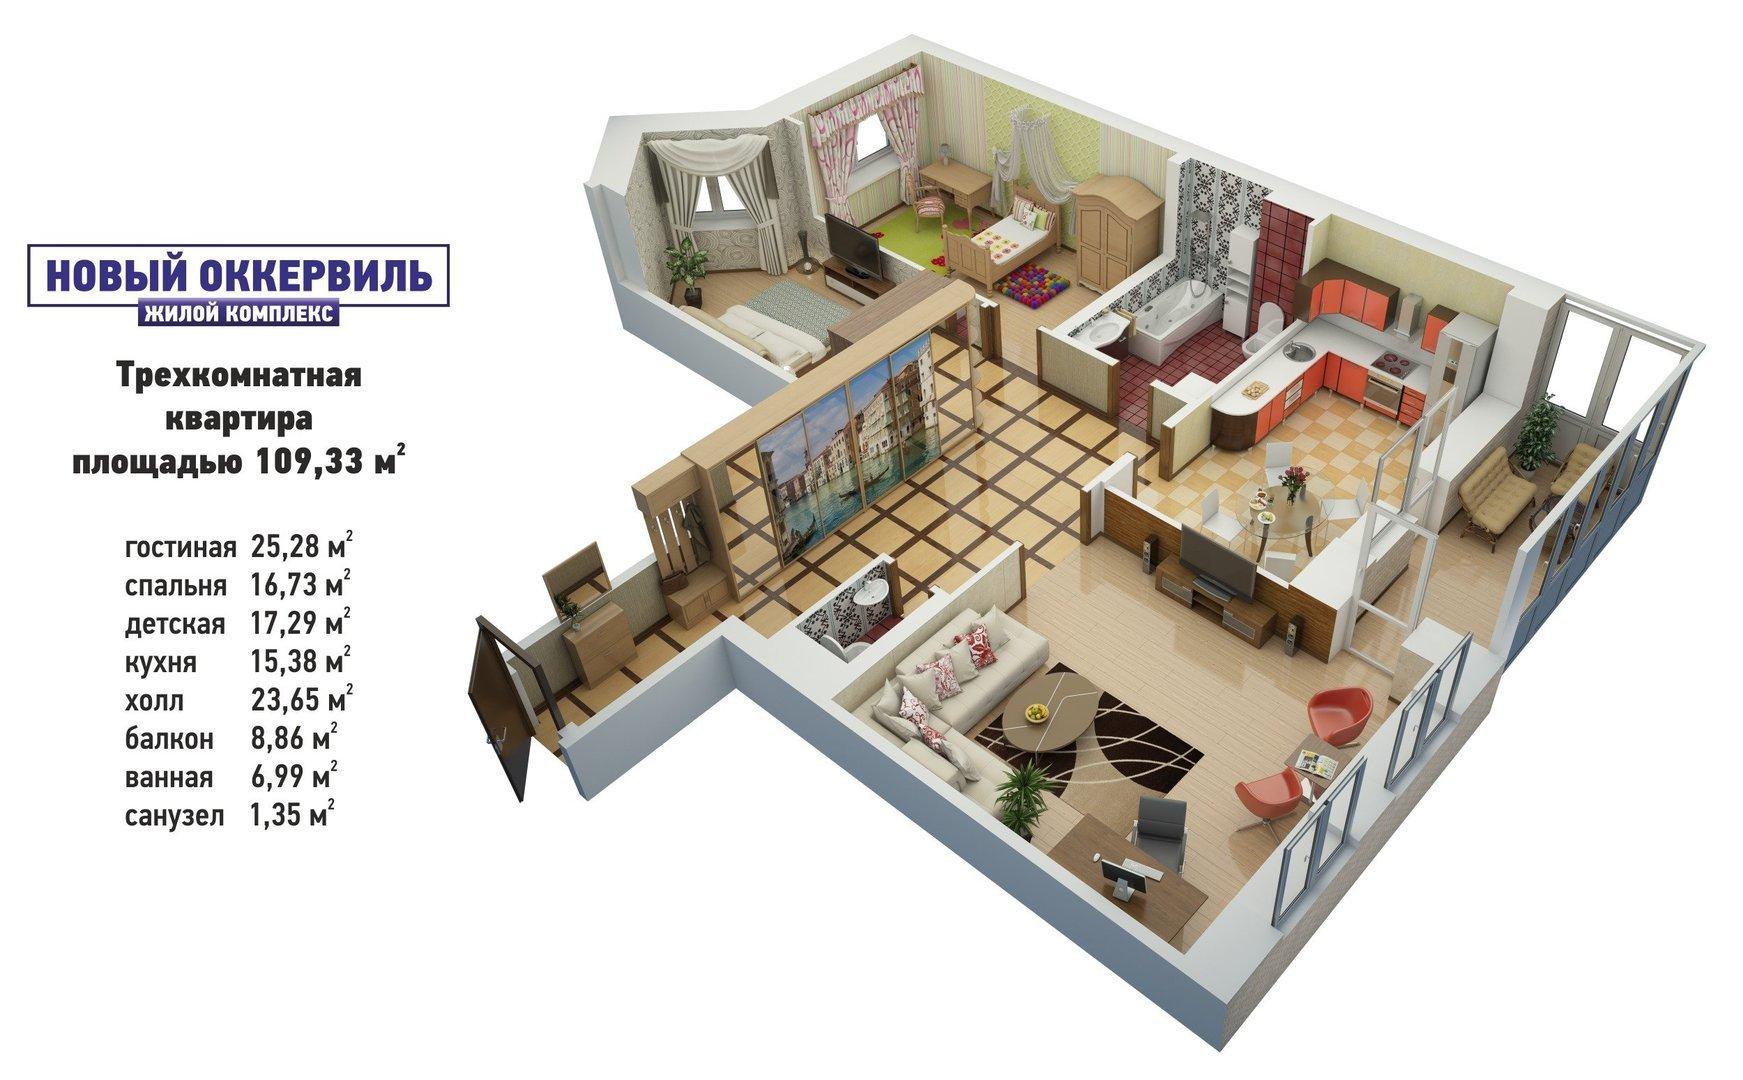 Дизайн проект 1 комнатной квартиры заказать 157